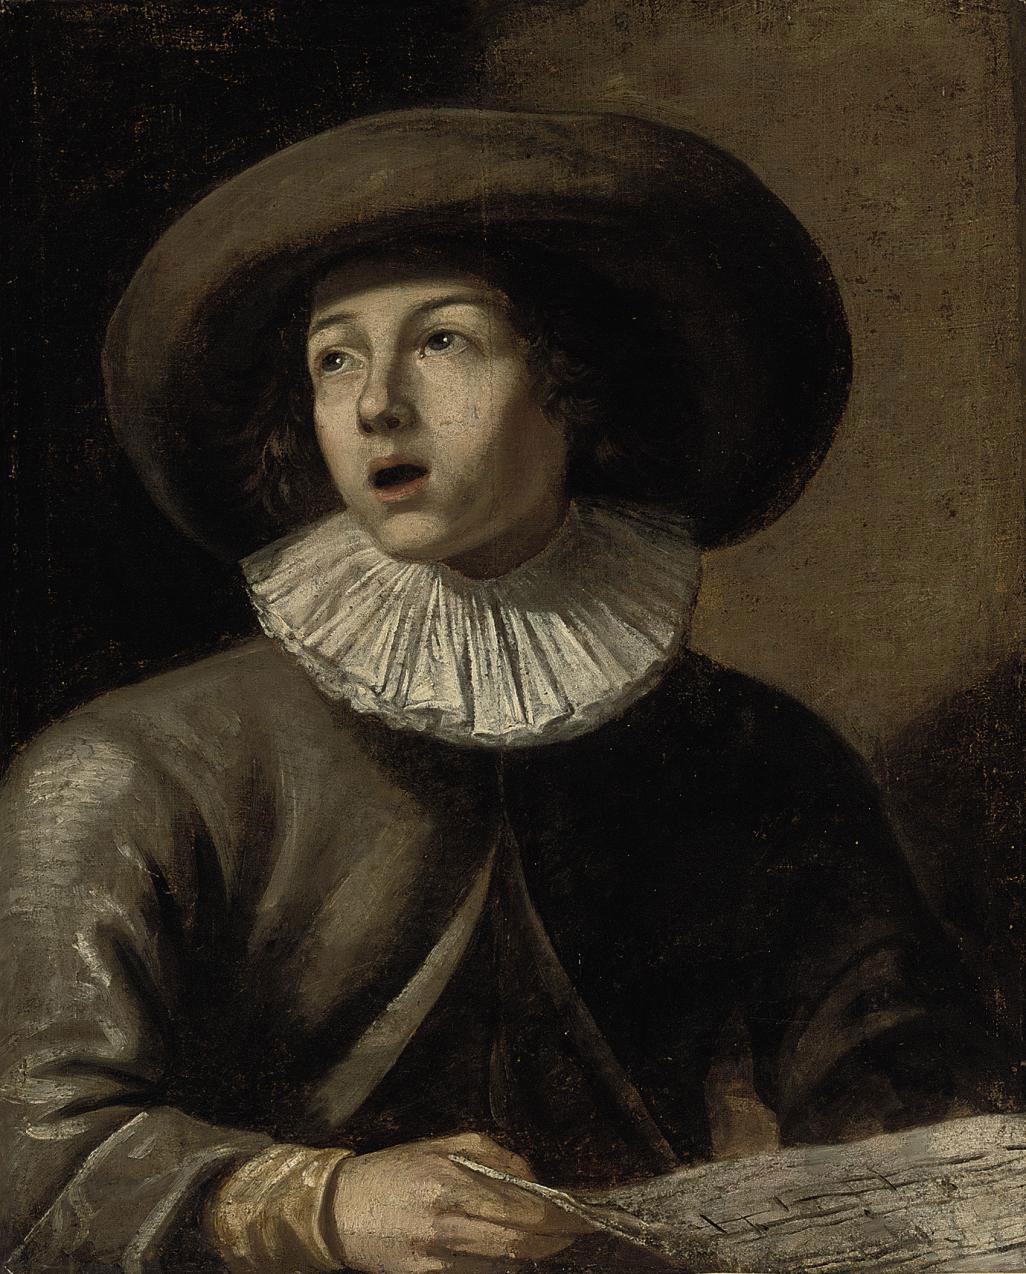 School of Utrecht, c. 1640